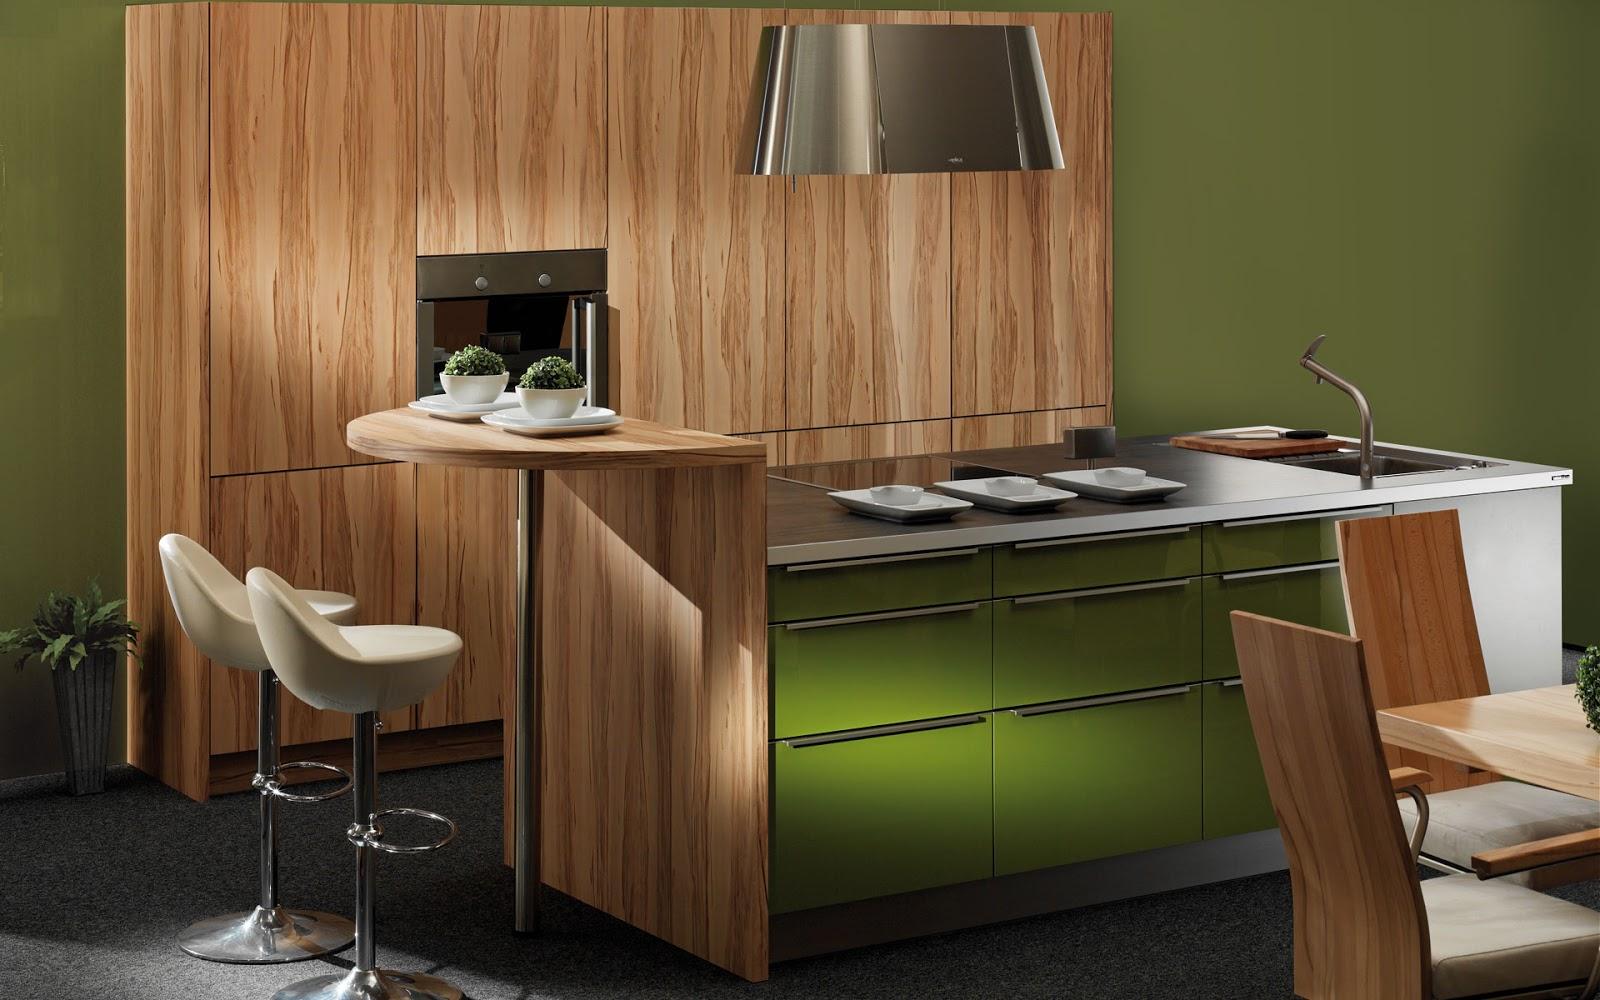 30 ideas de mesas y barras para comer en la cocina for Disenos de barras para cocina